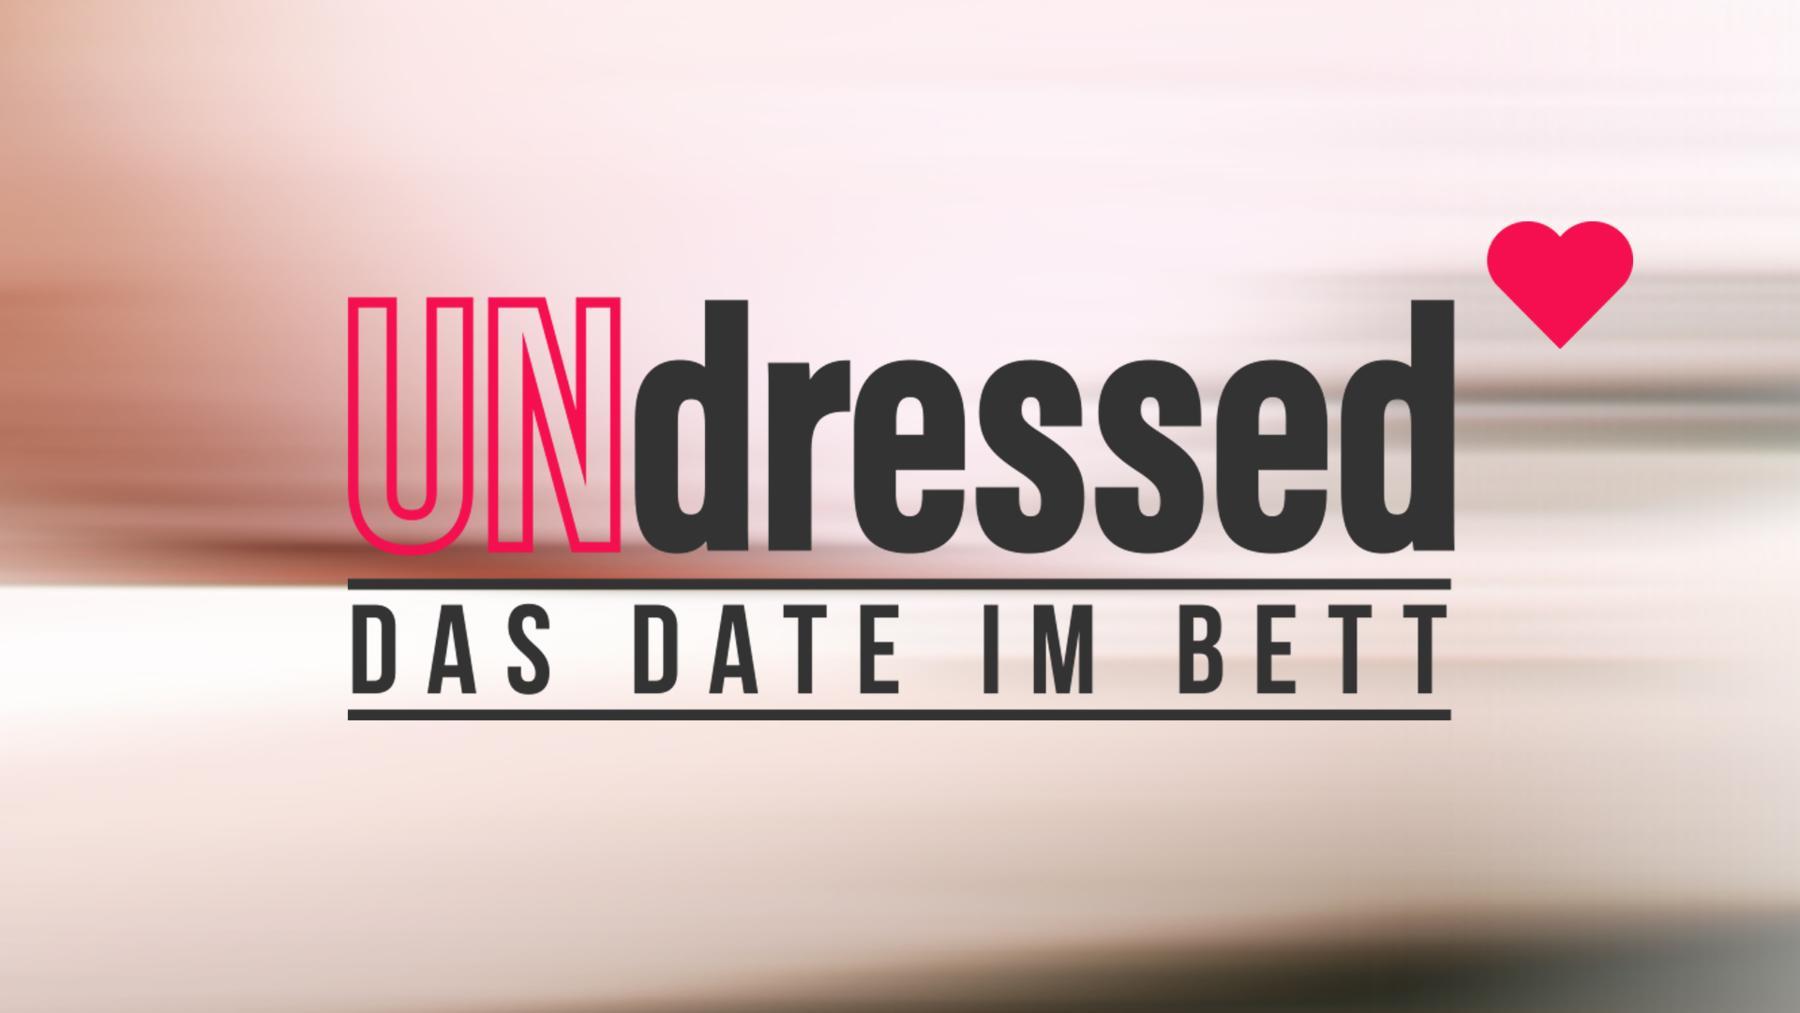 UNdressed - Das Date im Bett